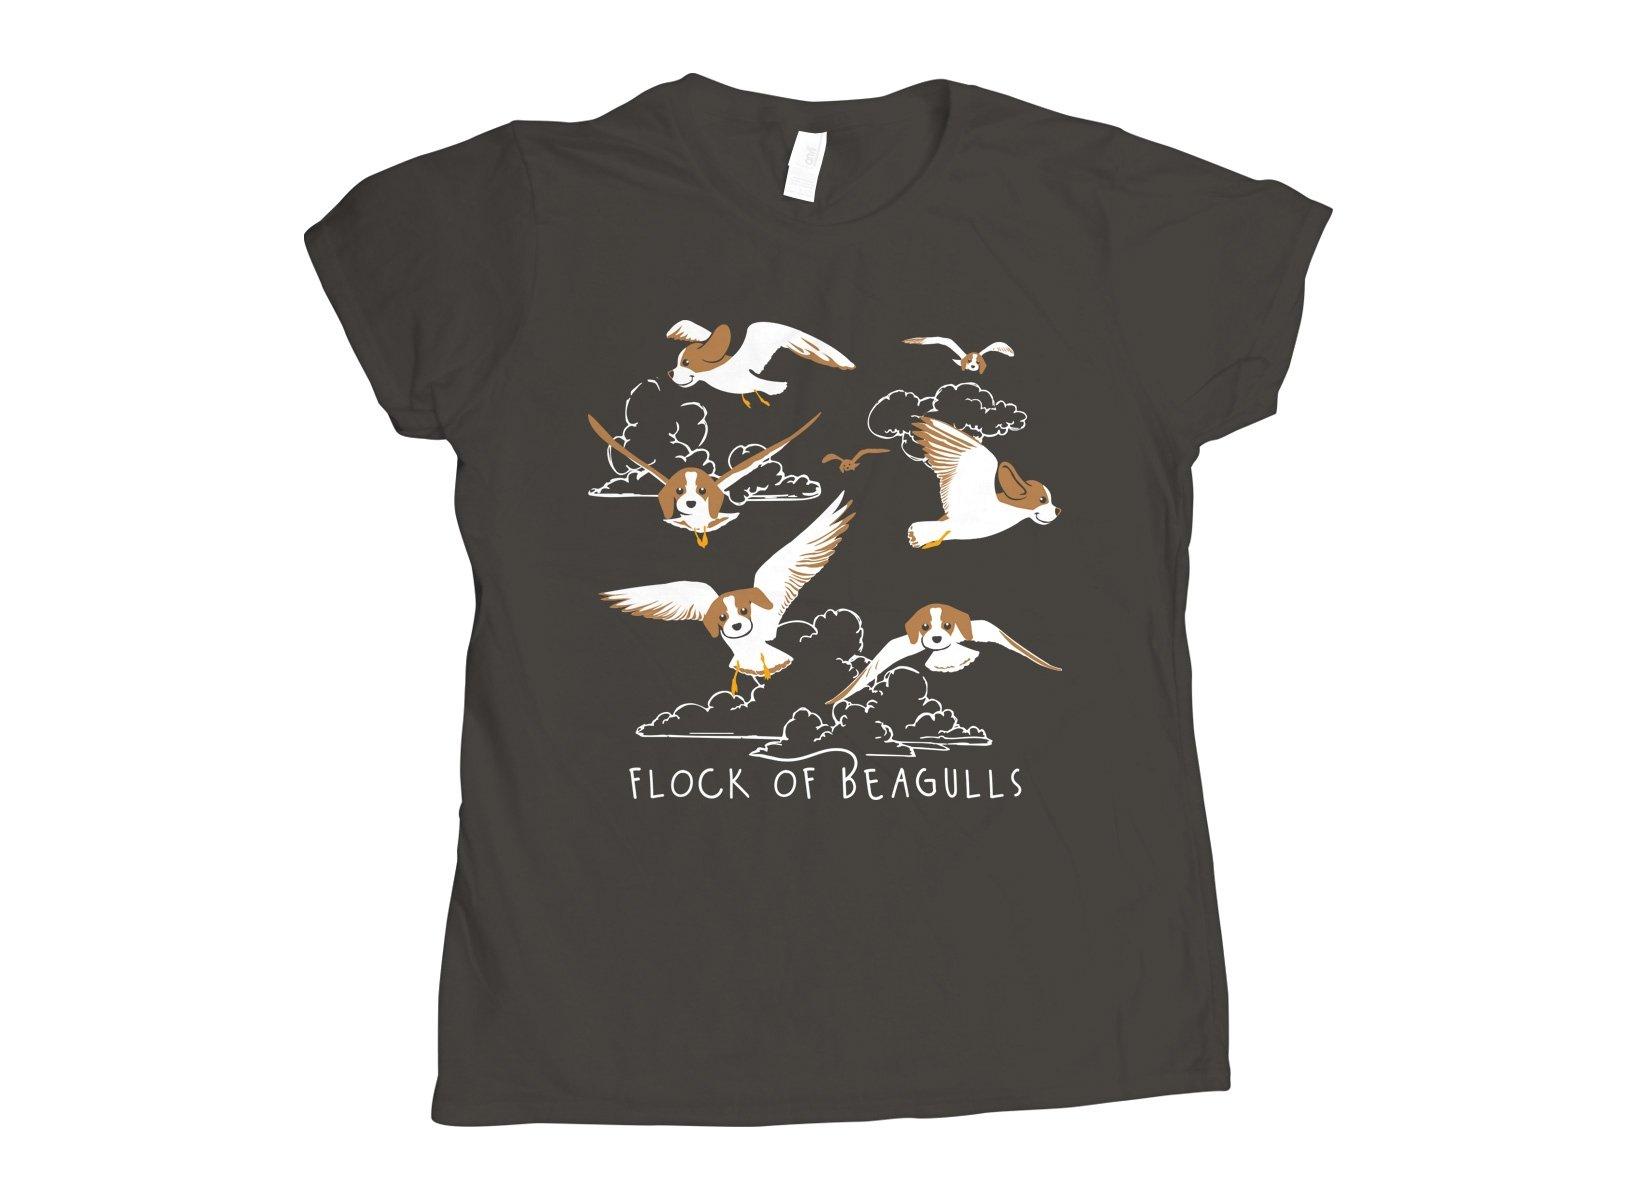 Flock Of Beagulls on Womens T-Shirt